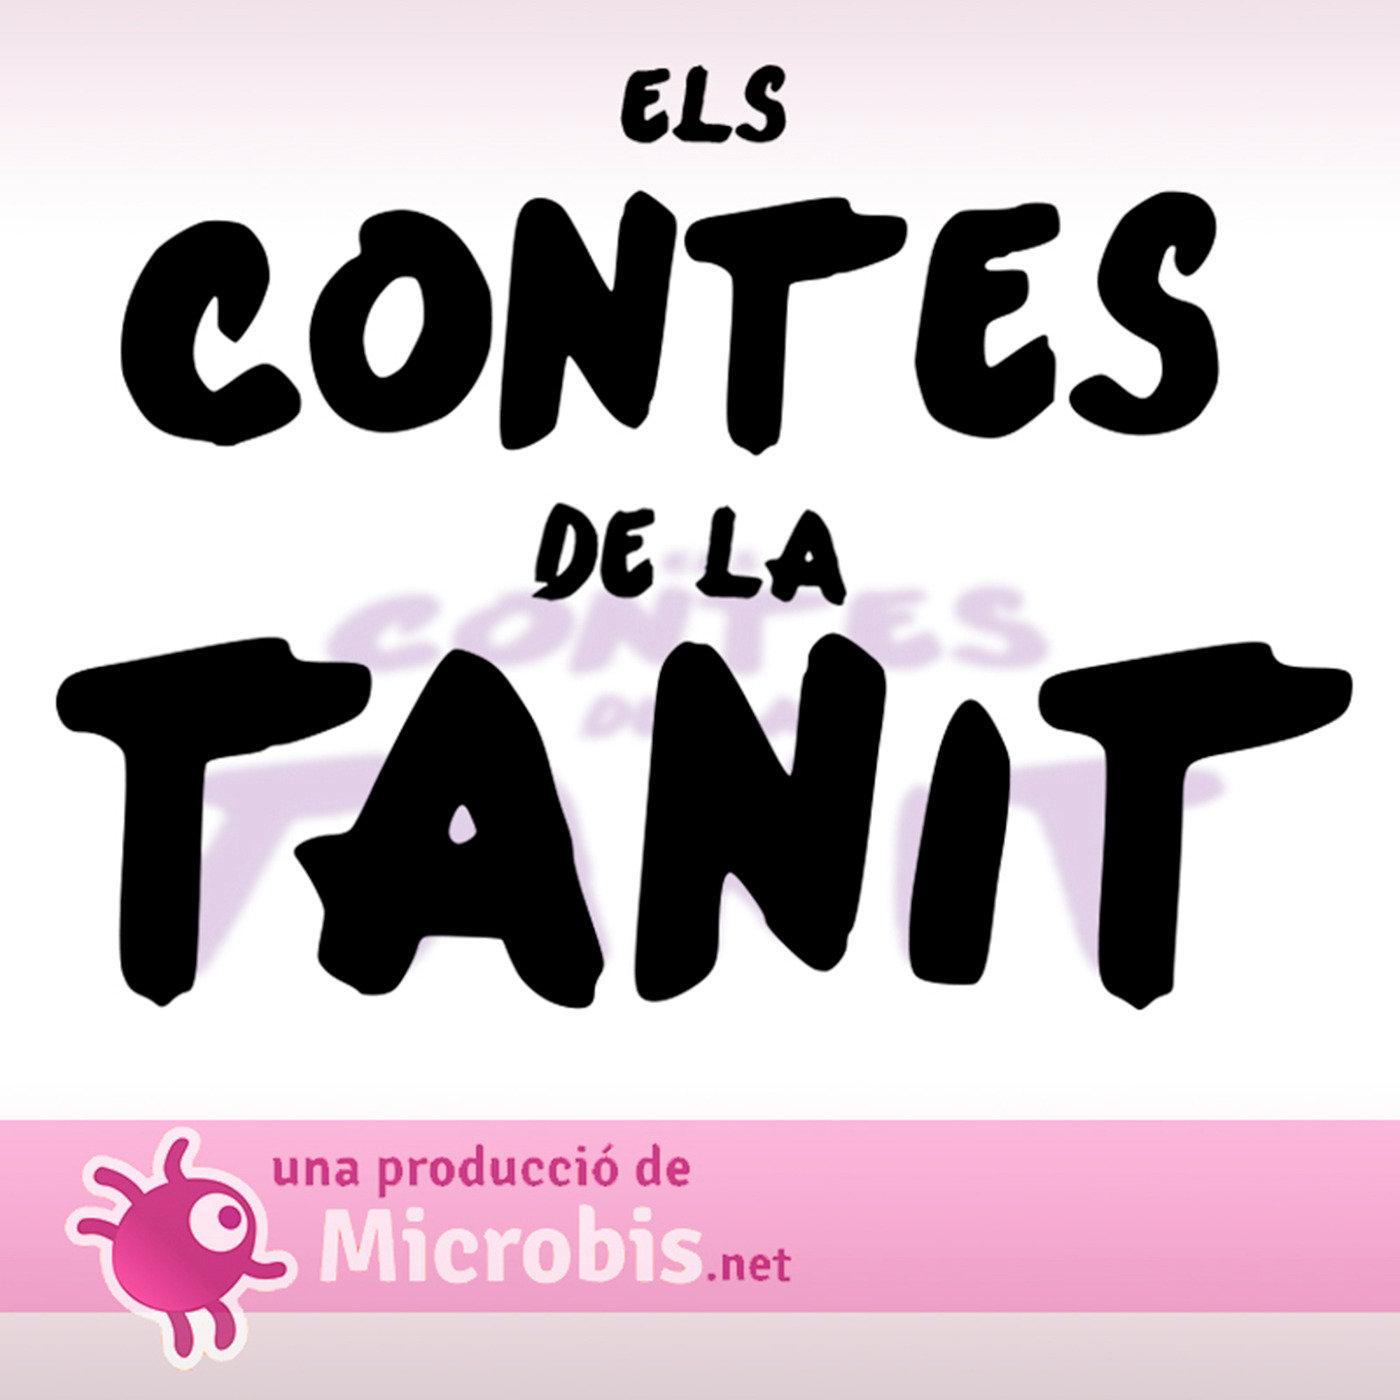 <![CDATA[Els Contes de la Tanit]]>